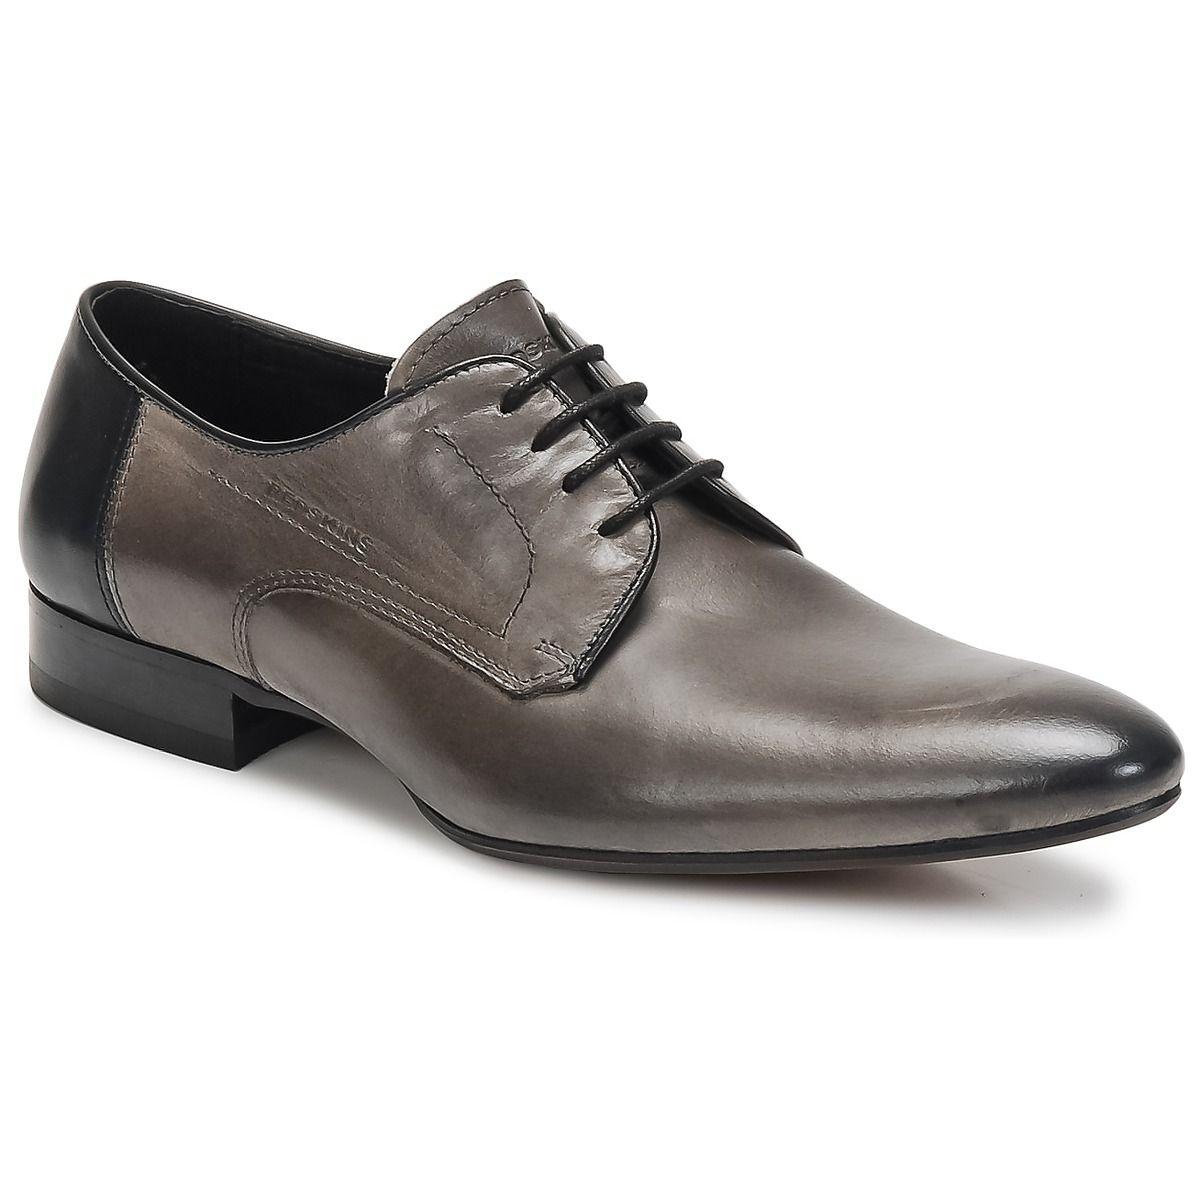 Derbies Redskins WAXY Gris / Noir - Livraison Gratuite avec Spartoo.com ! - Chaussures Homme 109,90 €